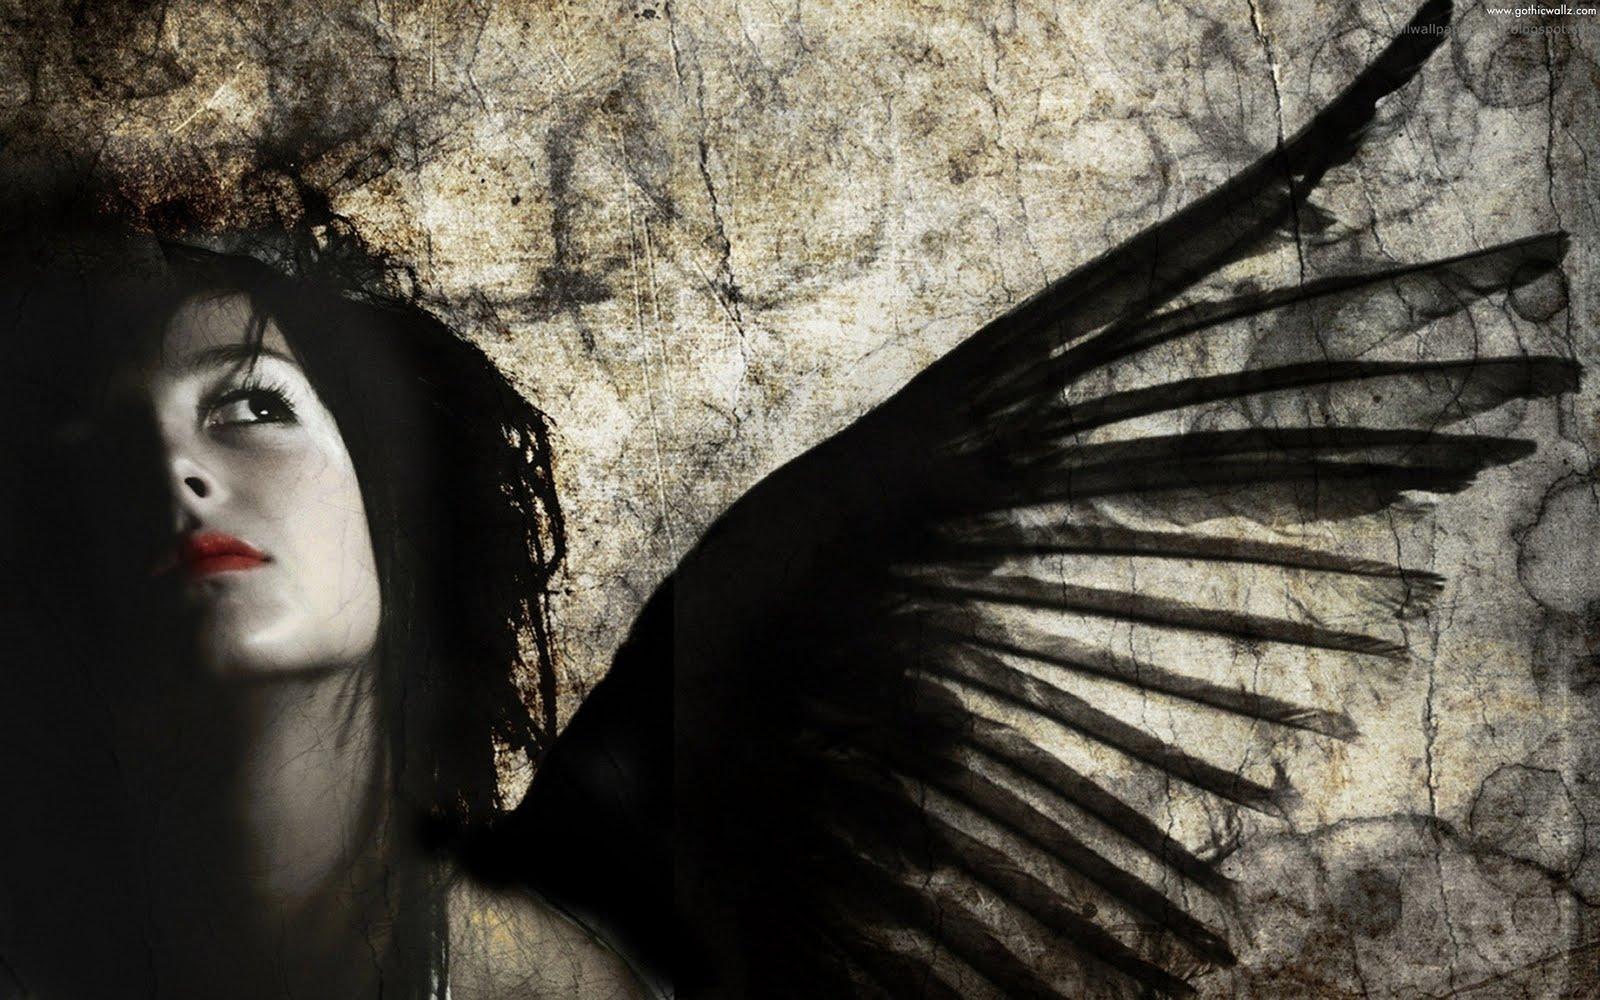 horror-grunge-girl (www.gothicwallz.com).jpg